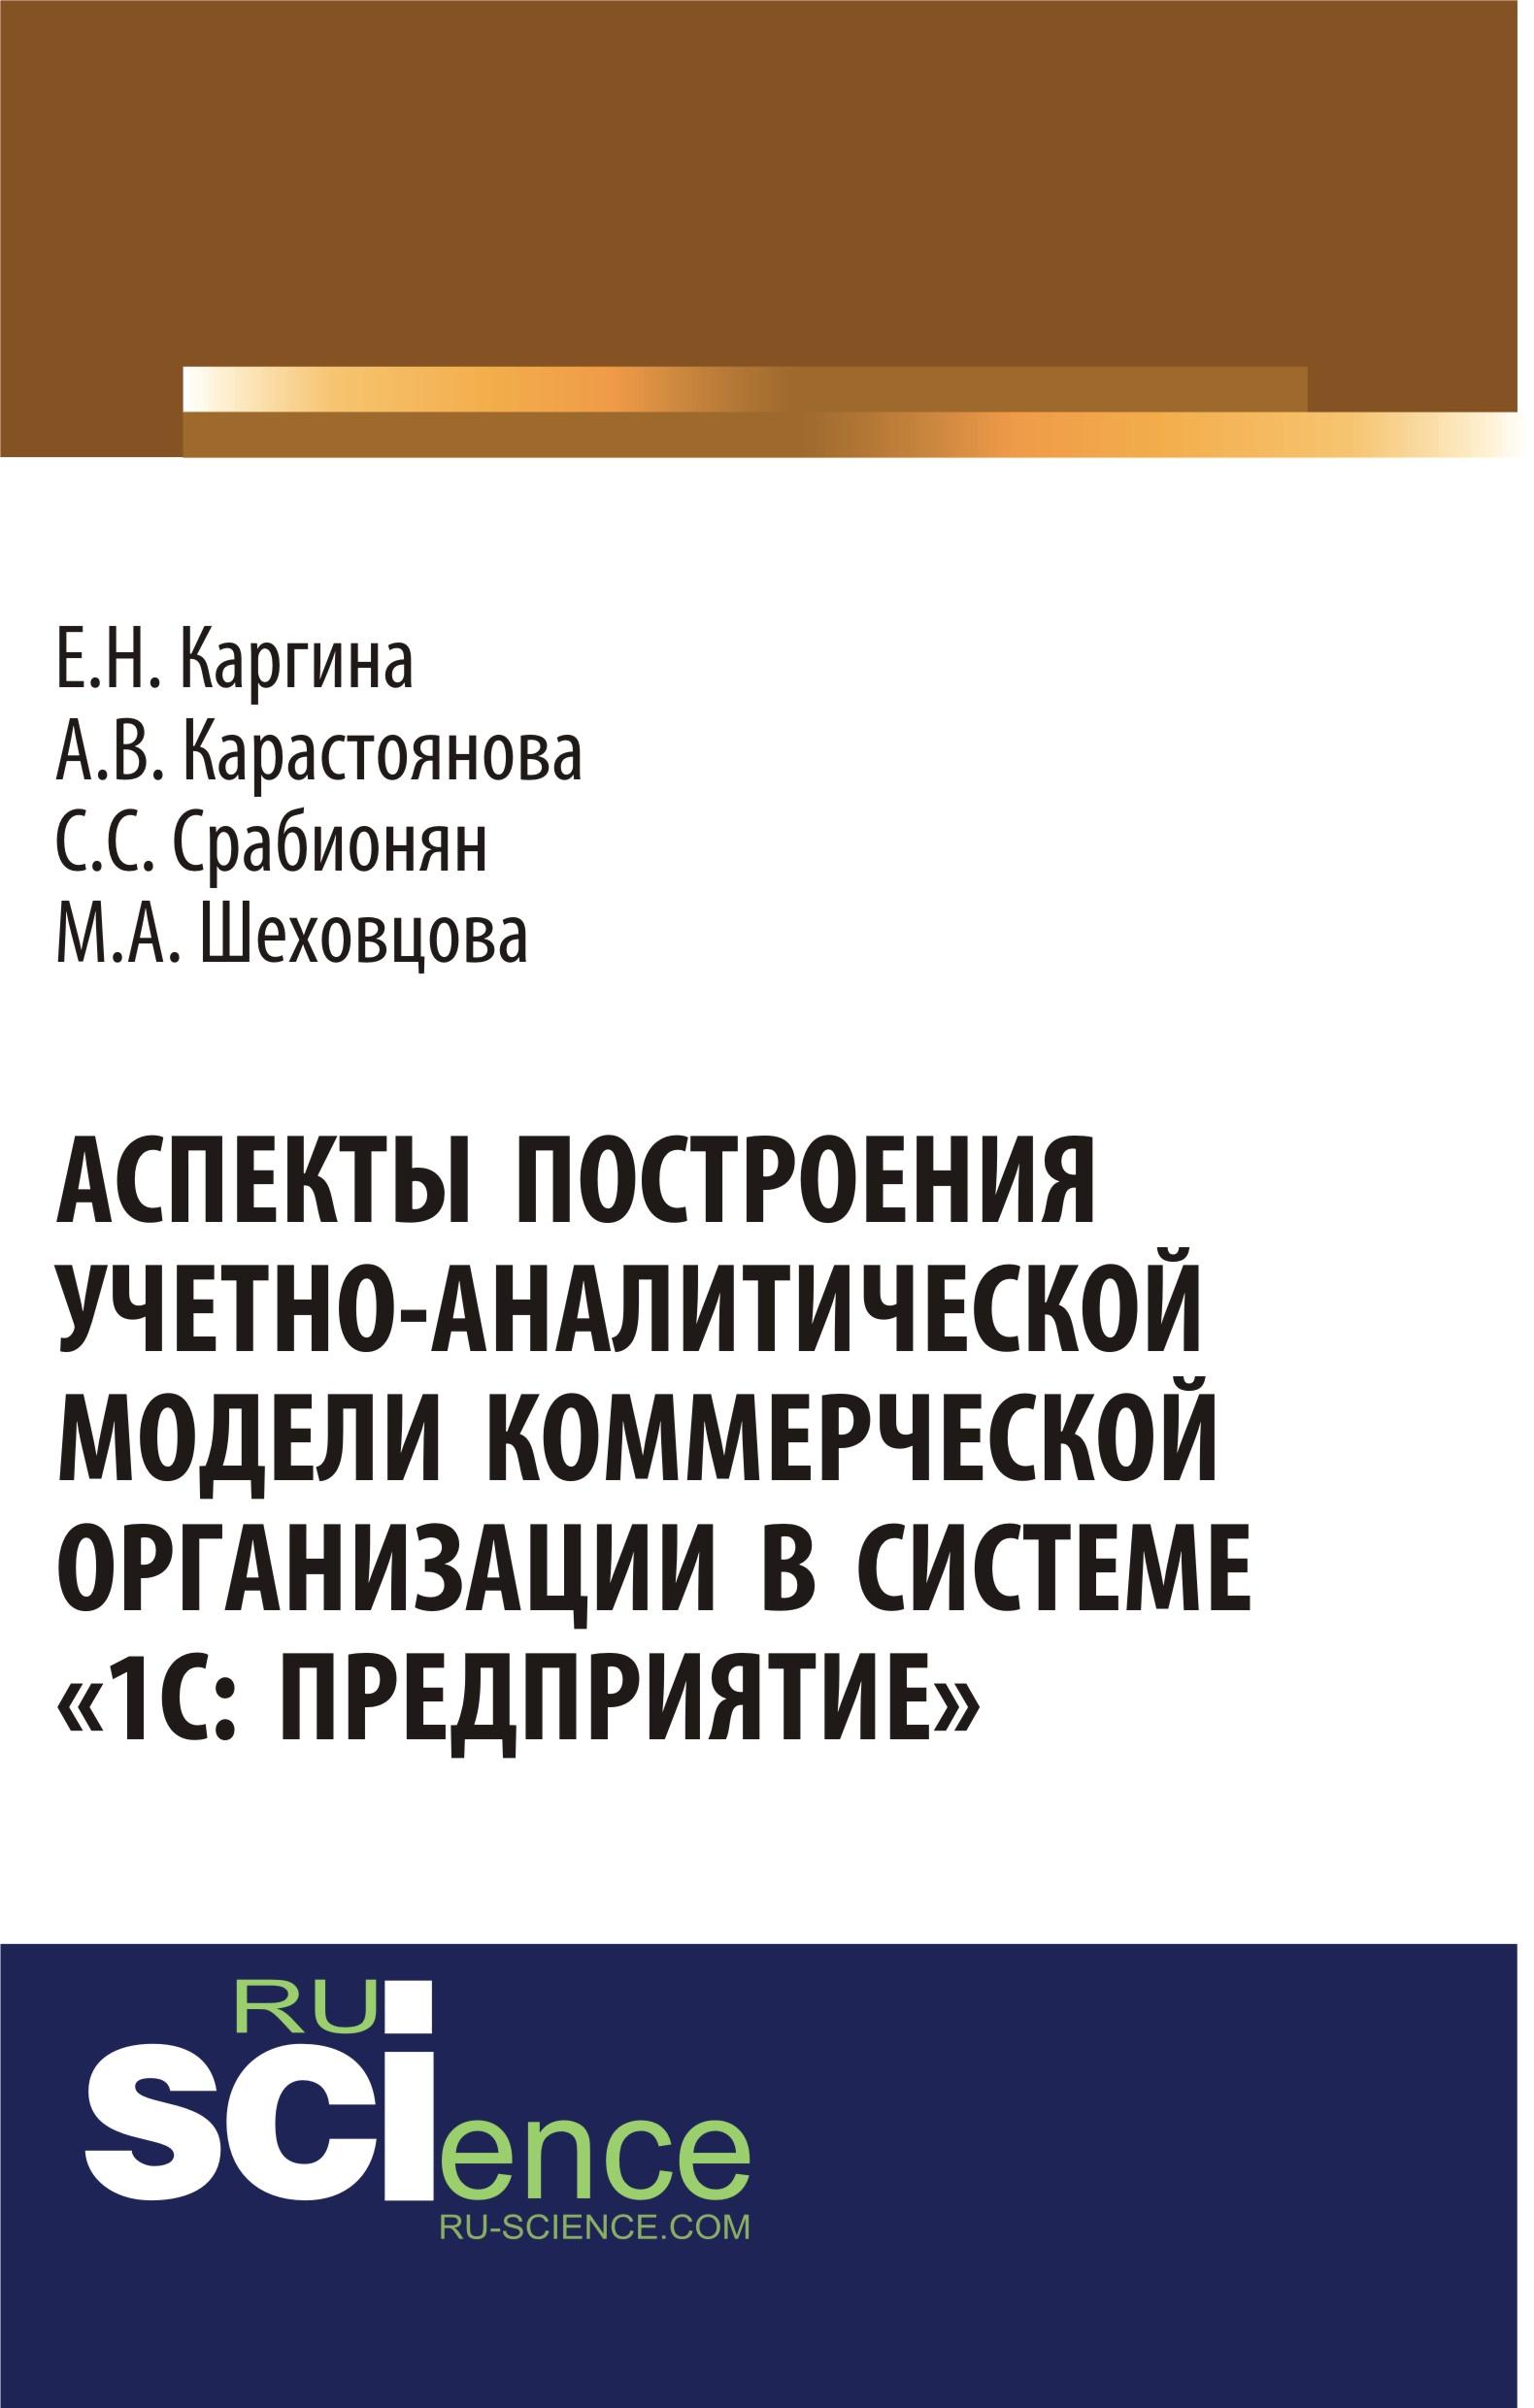 Аспекты построения учетно-аналитической модели коммерческой организации в системе «1С: Предприятие»